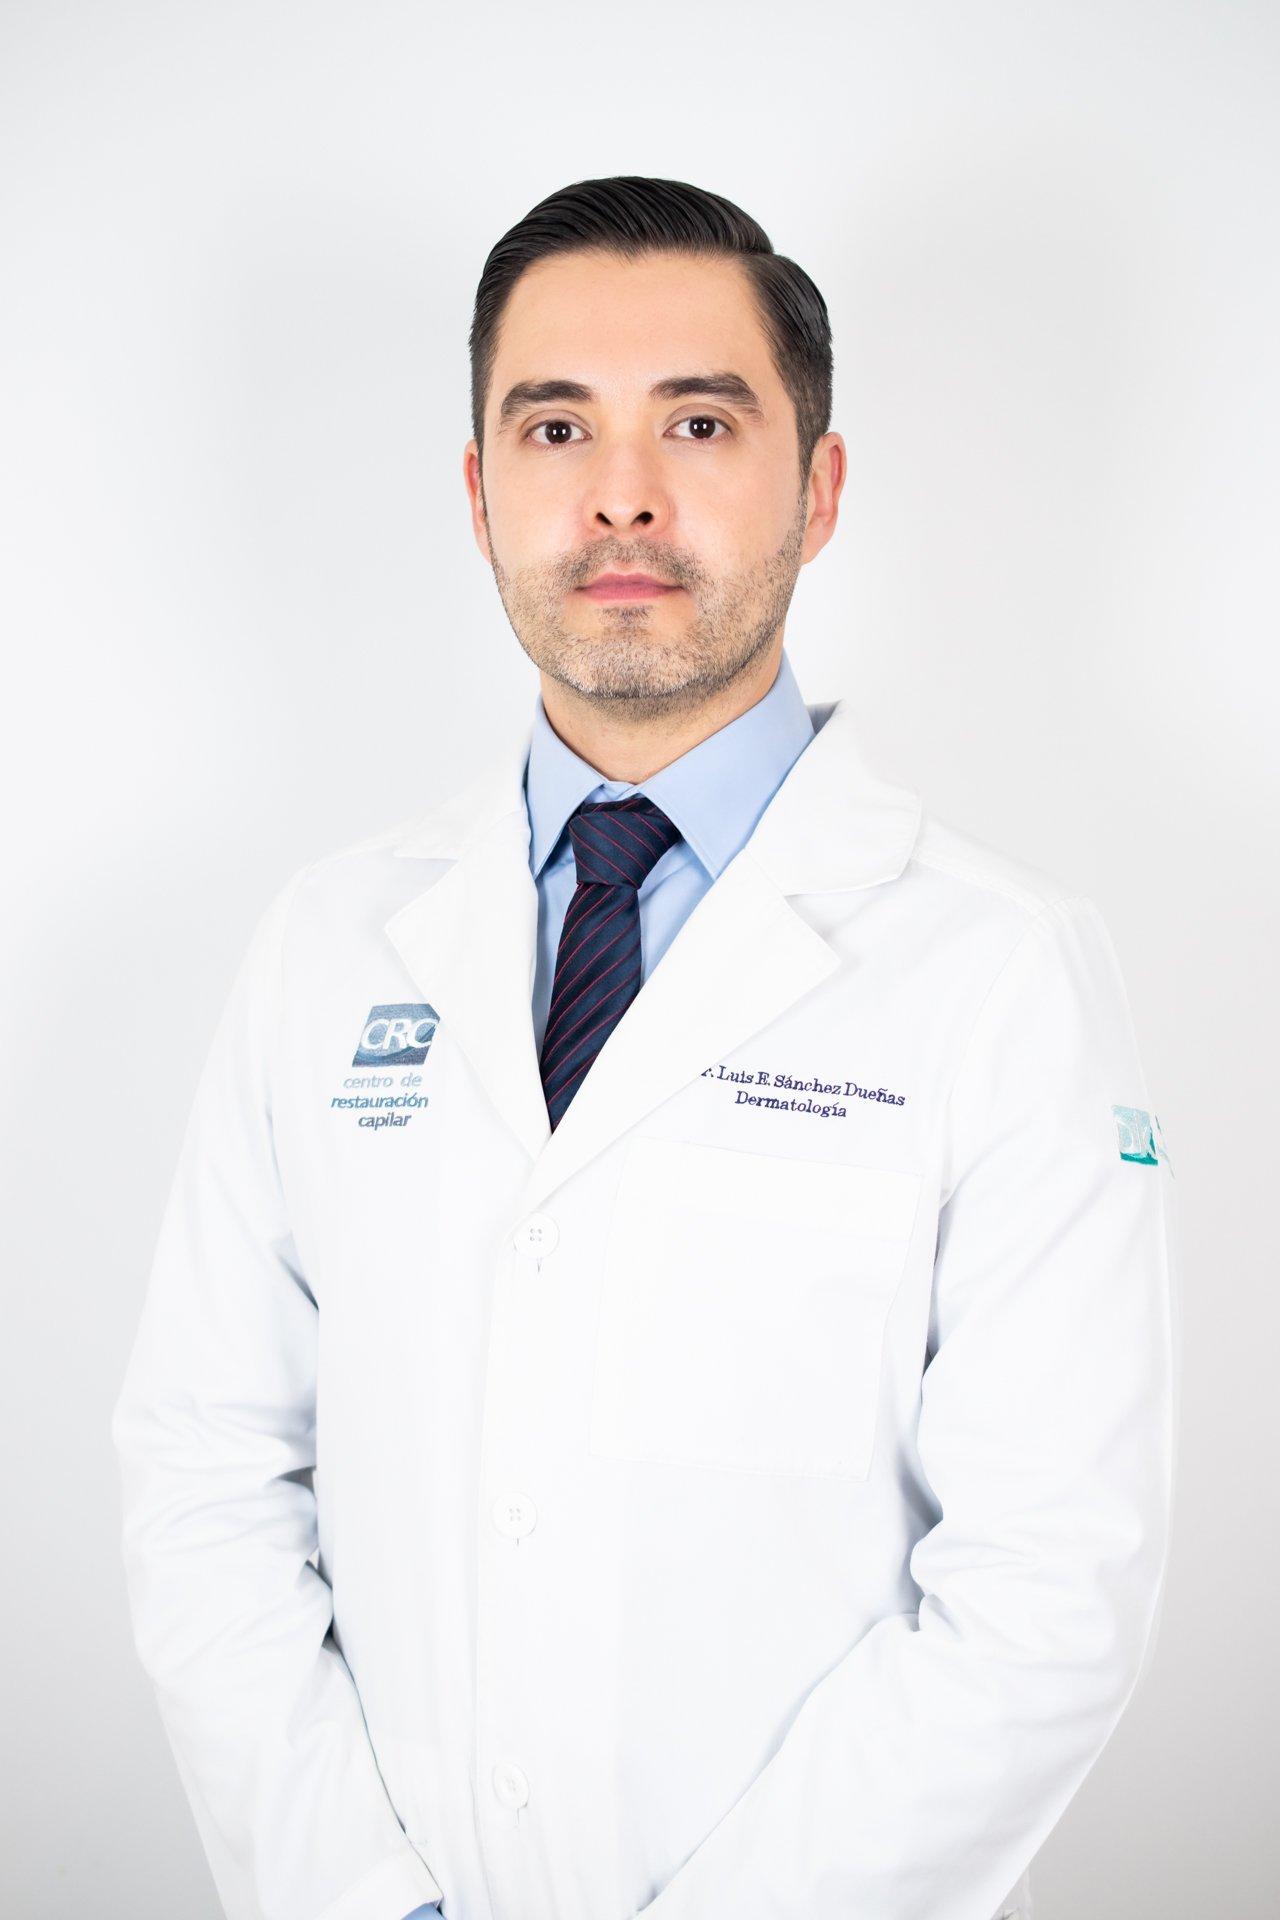 Dermatólogo Luis Enrique Sánchez Dueñas